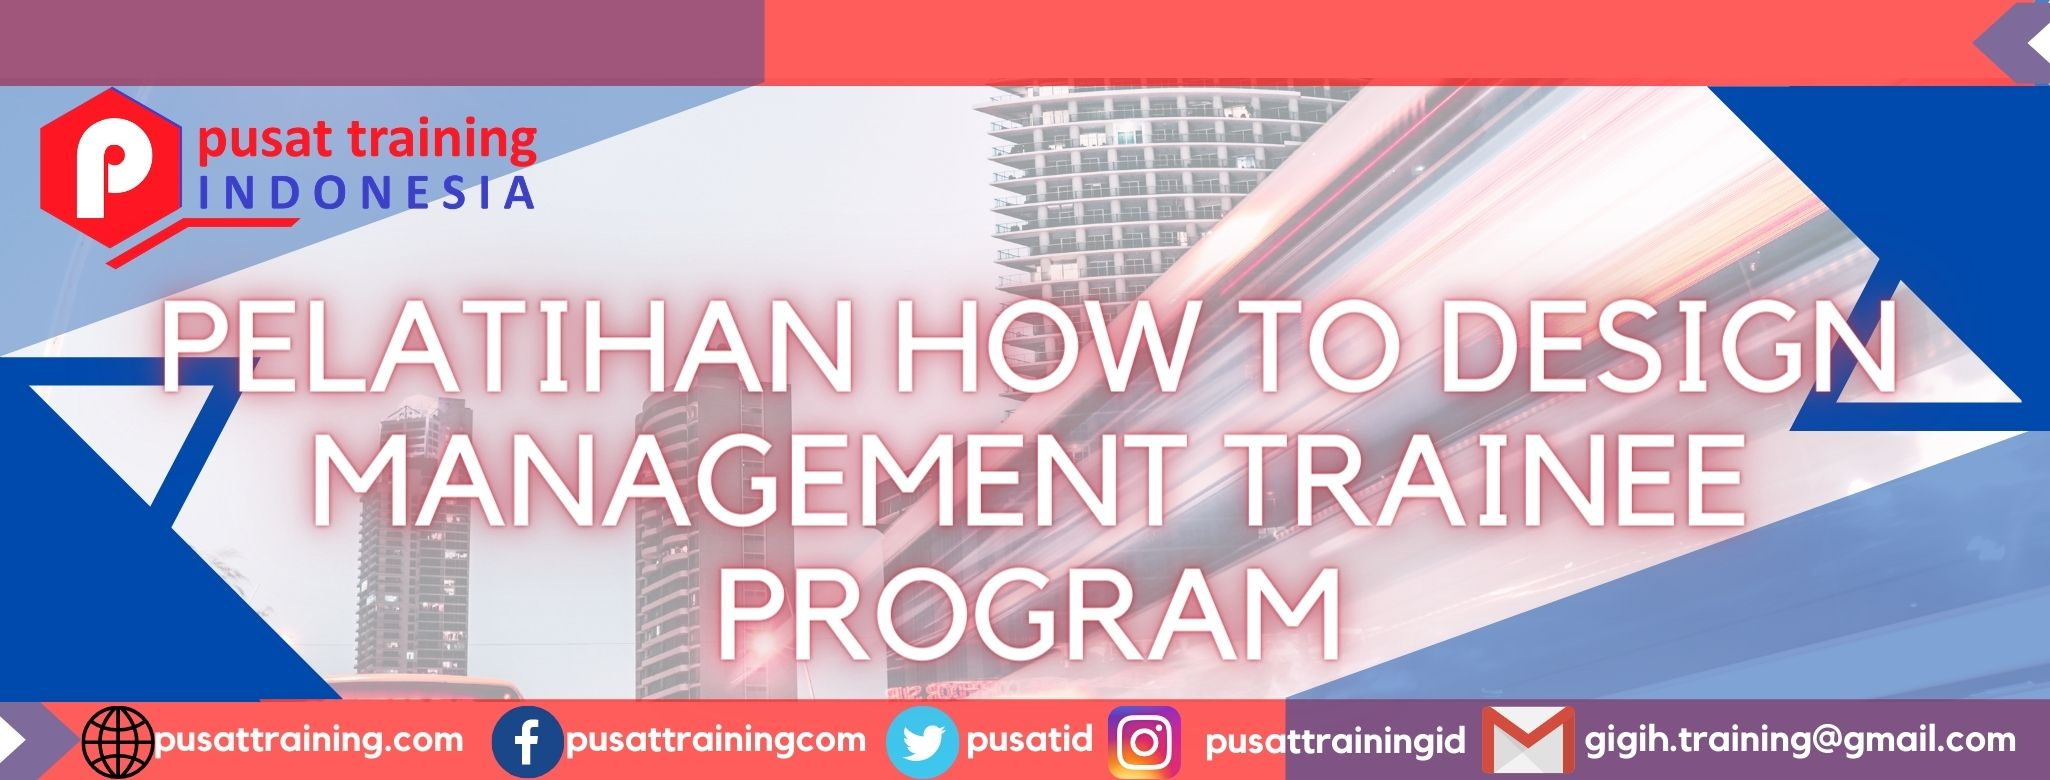 pelatihan-how-to-design-management-trainee-program